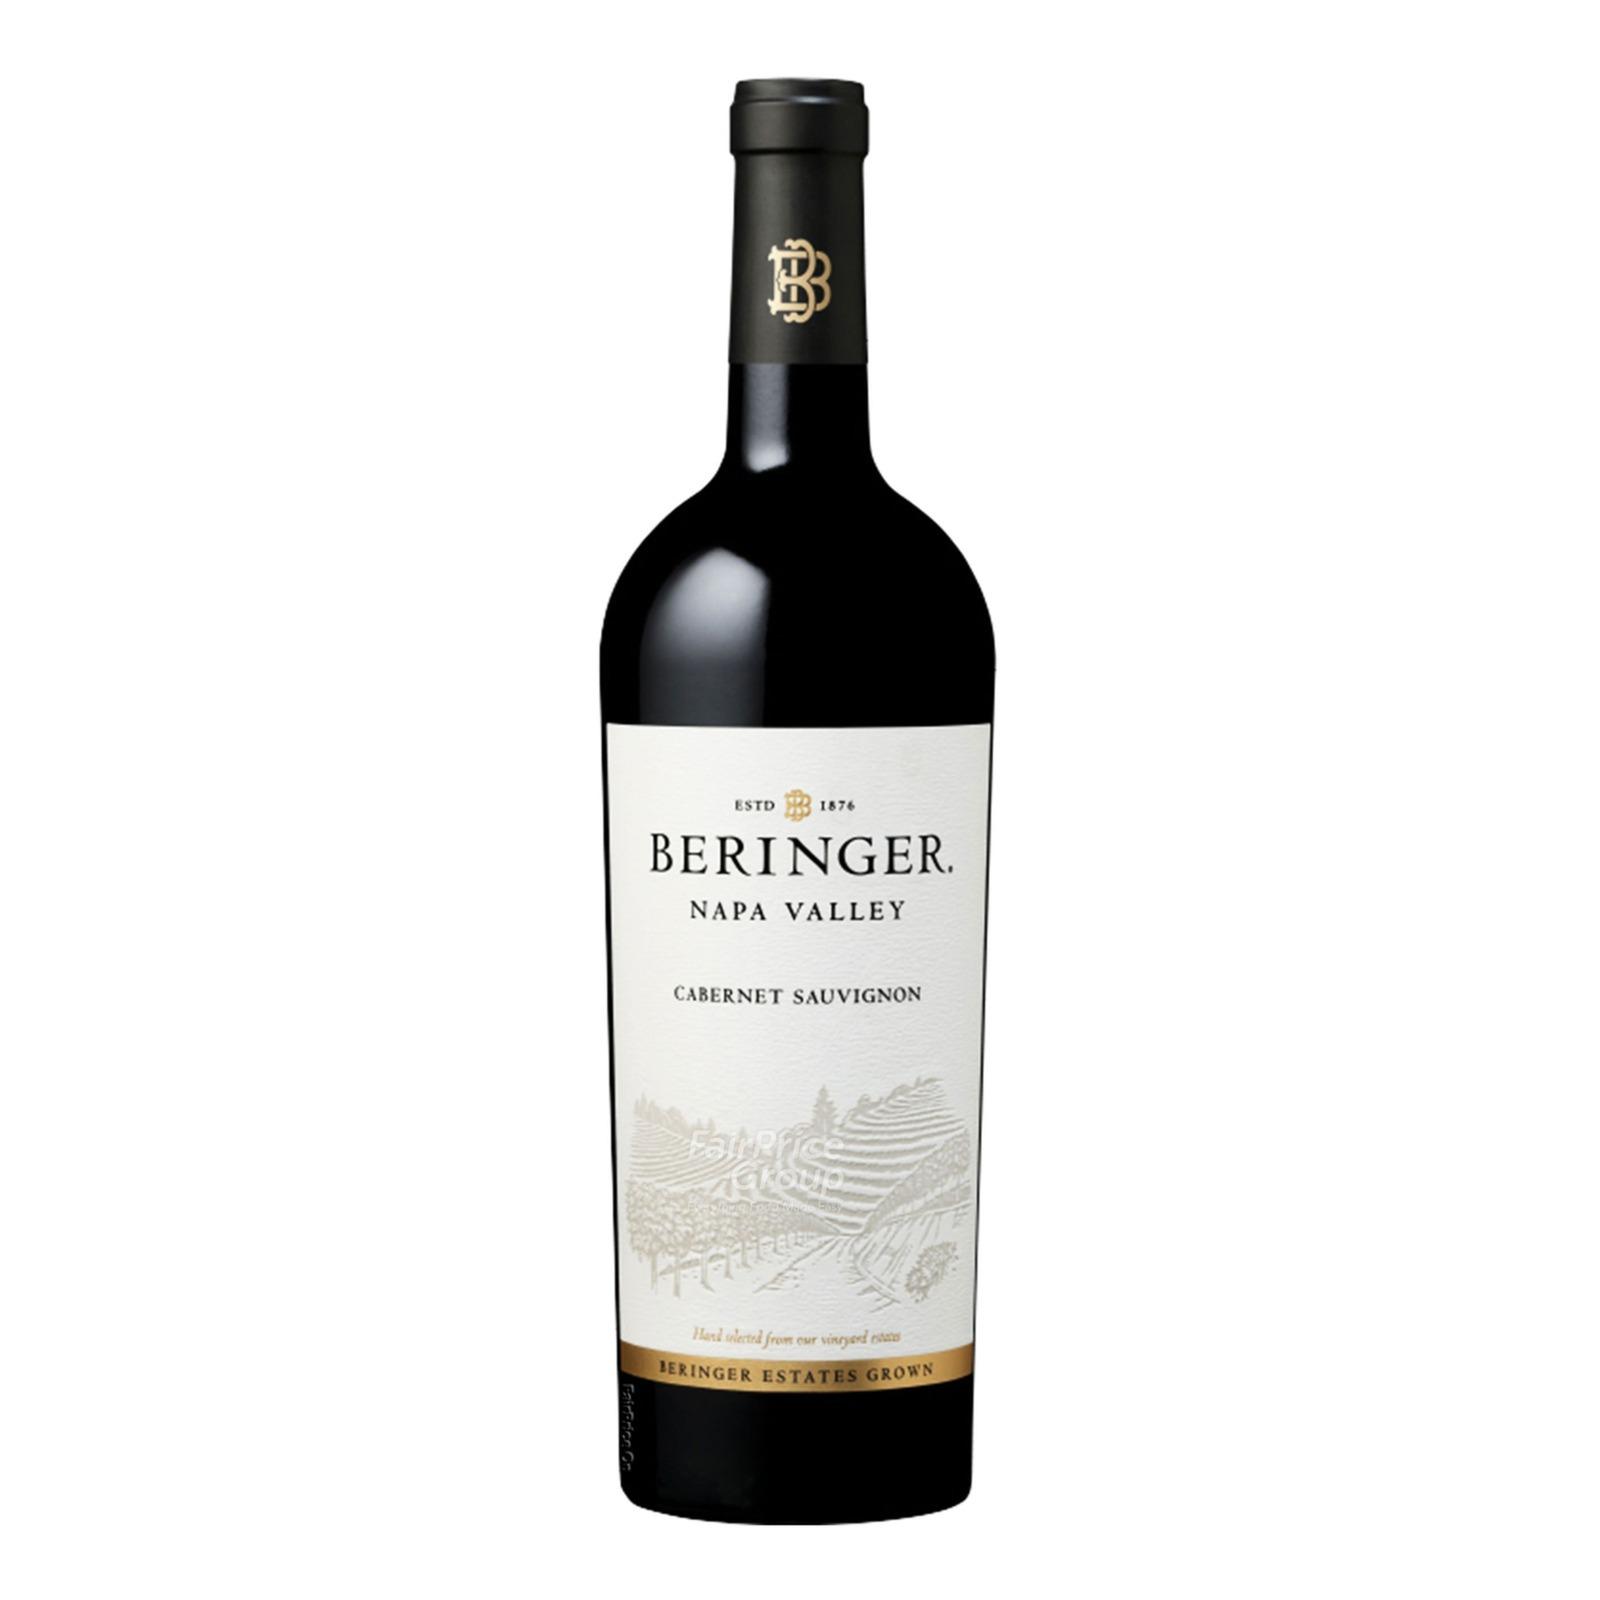 Beringer Napa Valley Red Wine - Cabernet Sauvignon